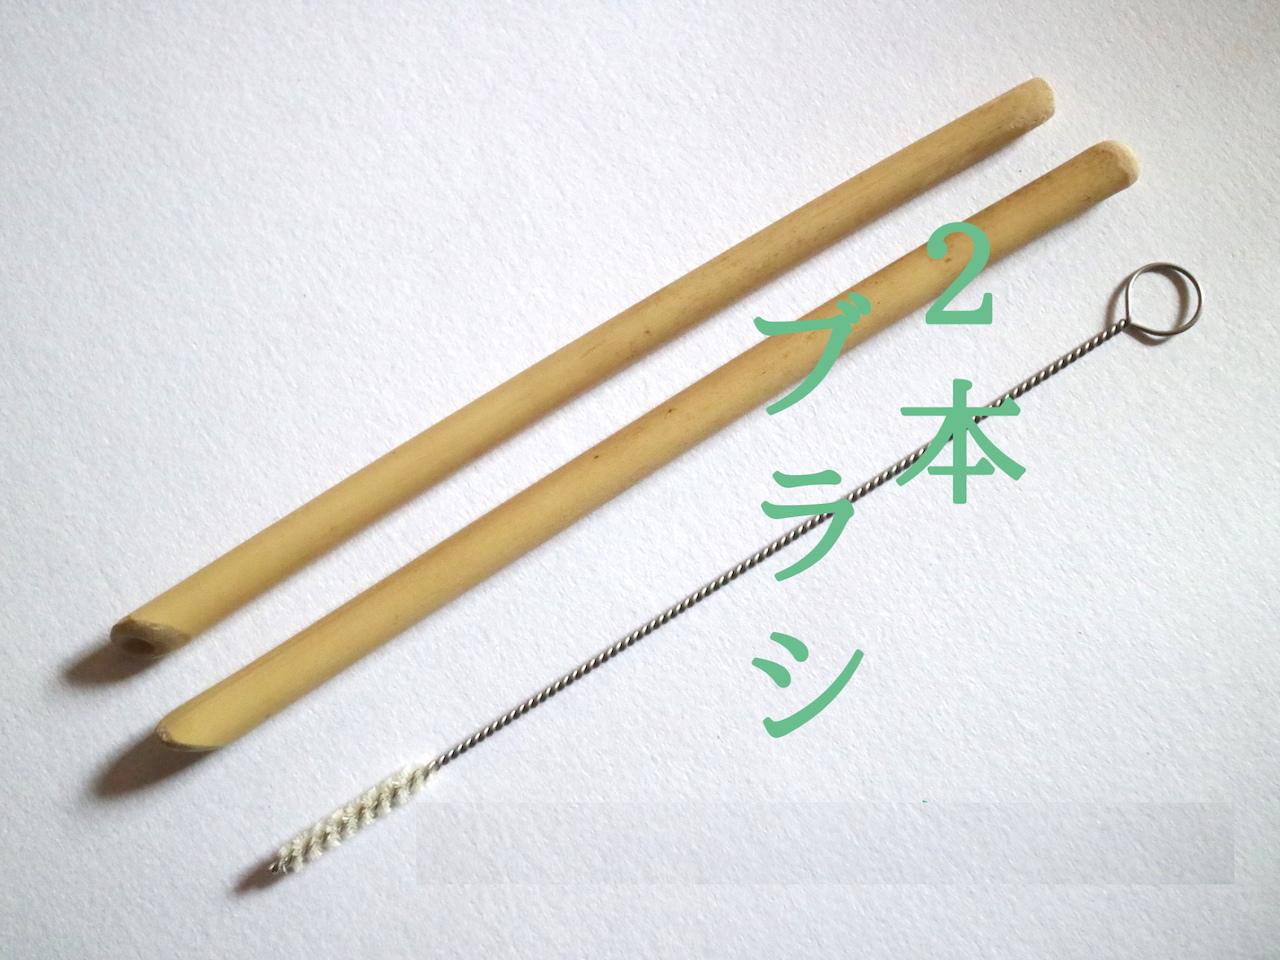 子供竹ストロー15cm_レ先(2本とブラシセット)